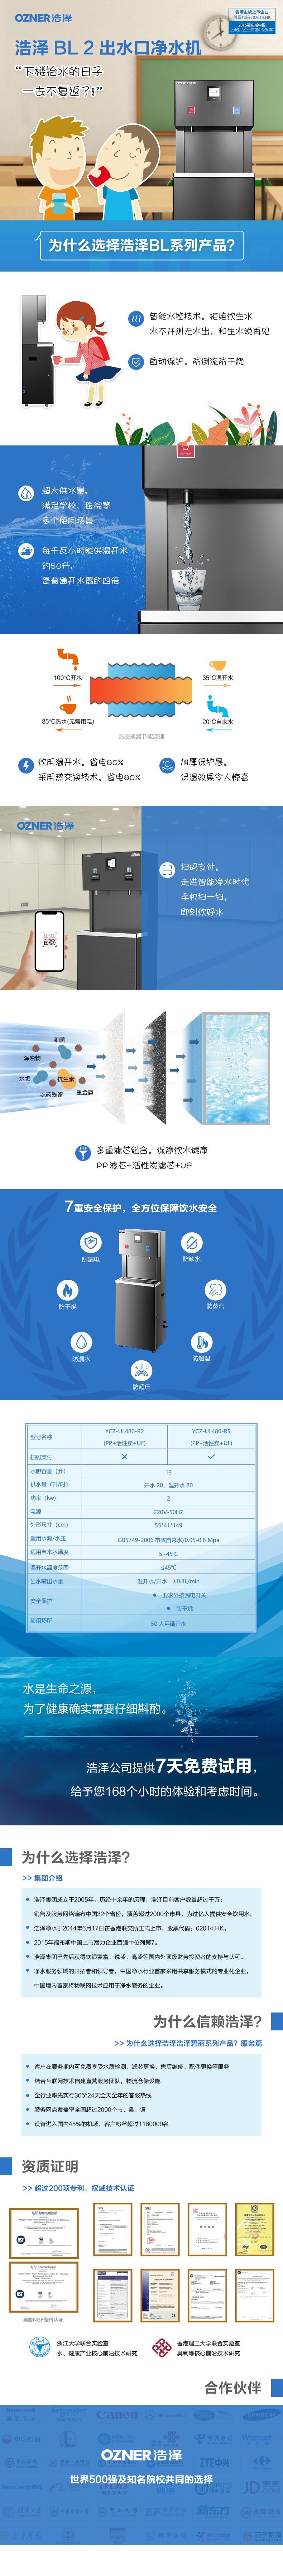 浩泽牌YCZ-UL480-R5型净水机(2出水口超滤膜扫码支付型净水机)